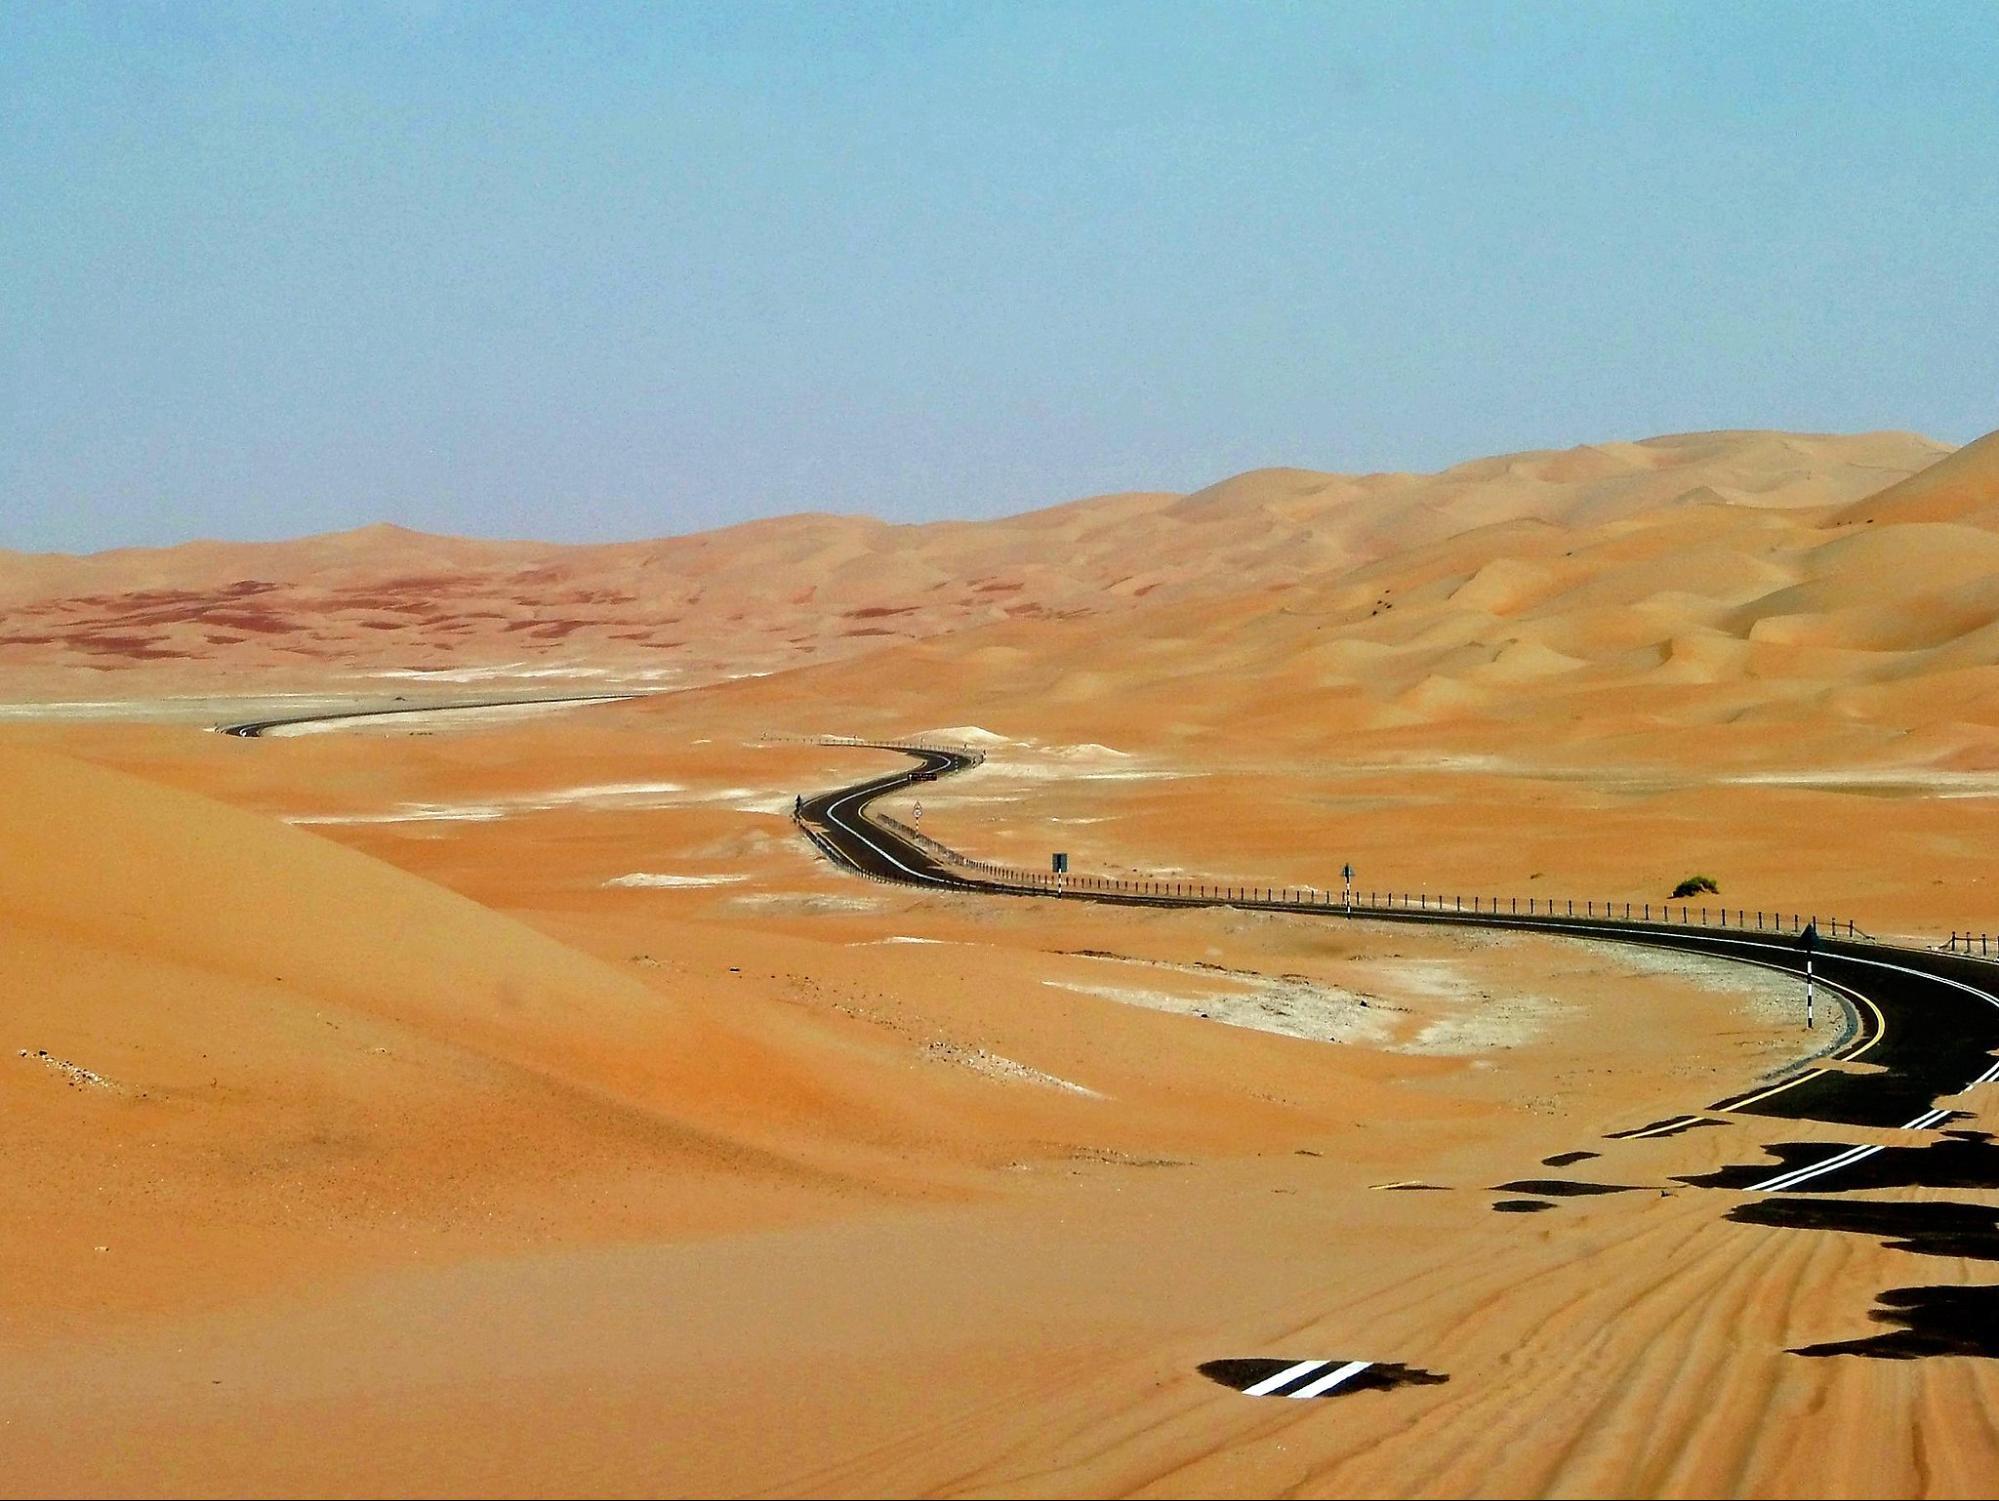 Liwa UAE